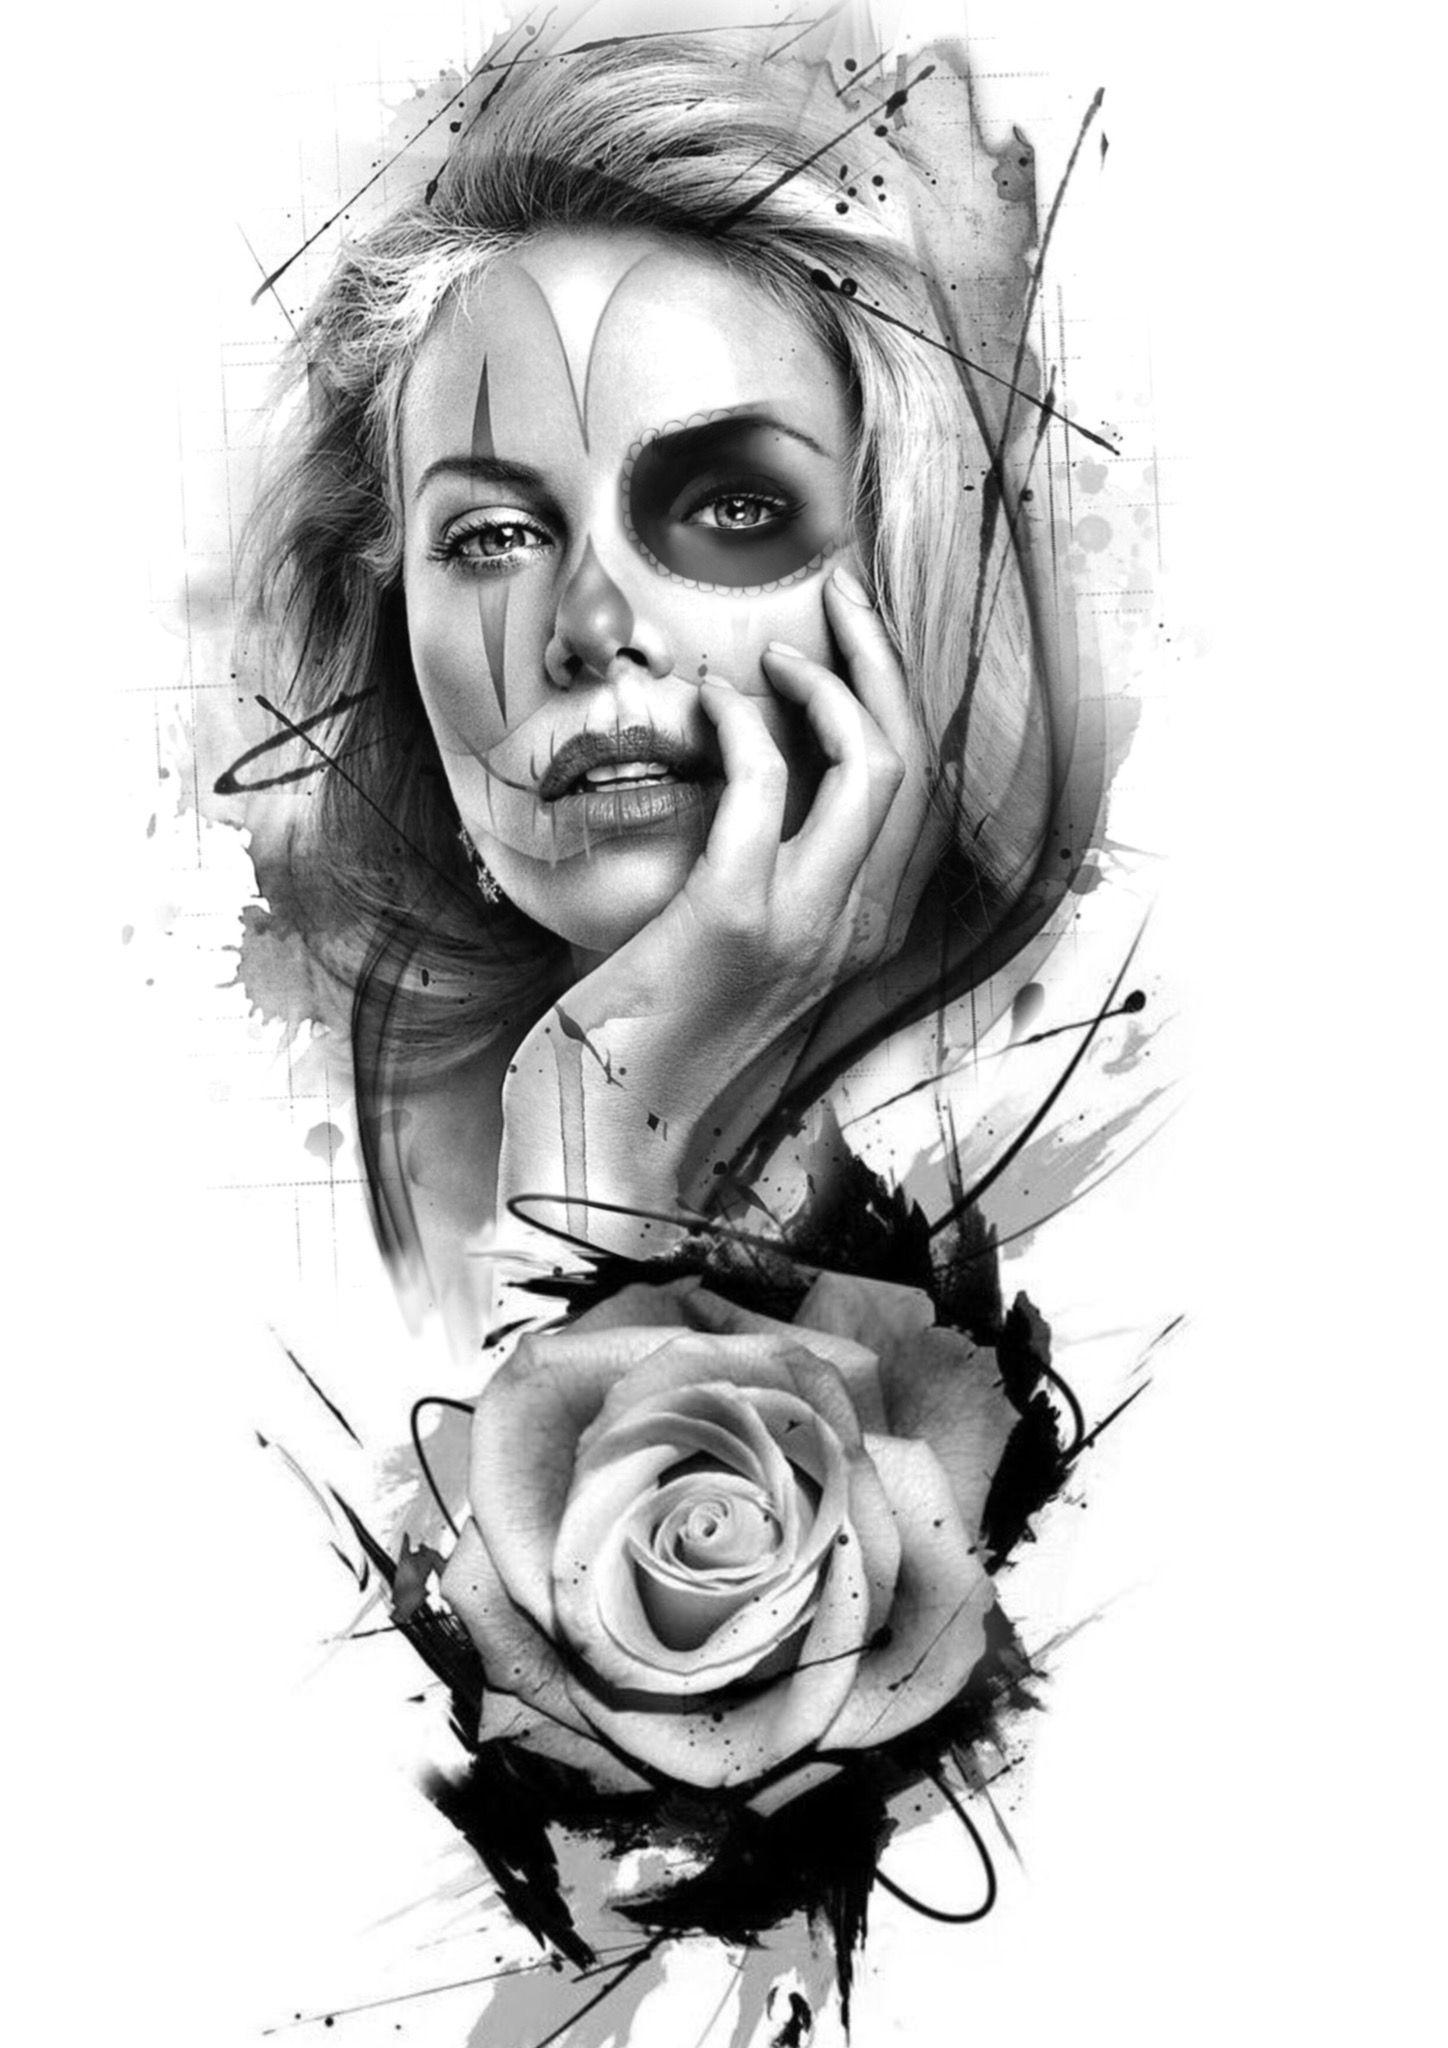 maria rose femme tatouage